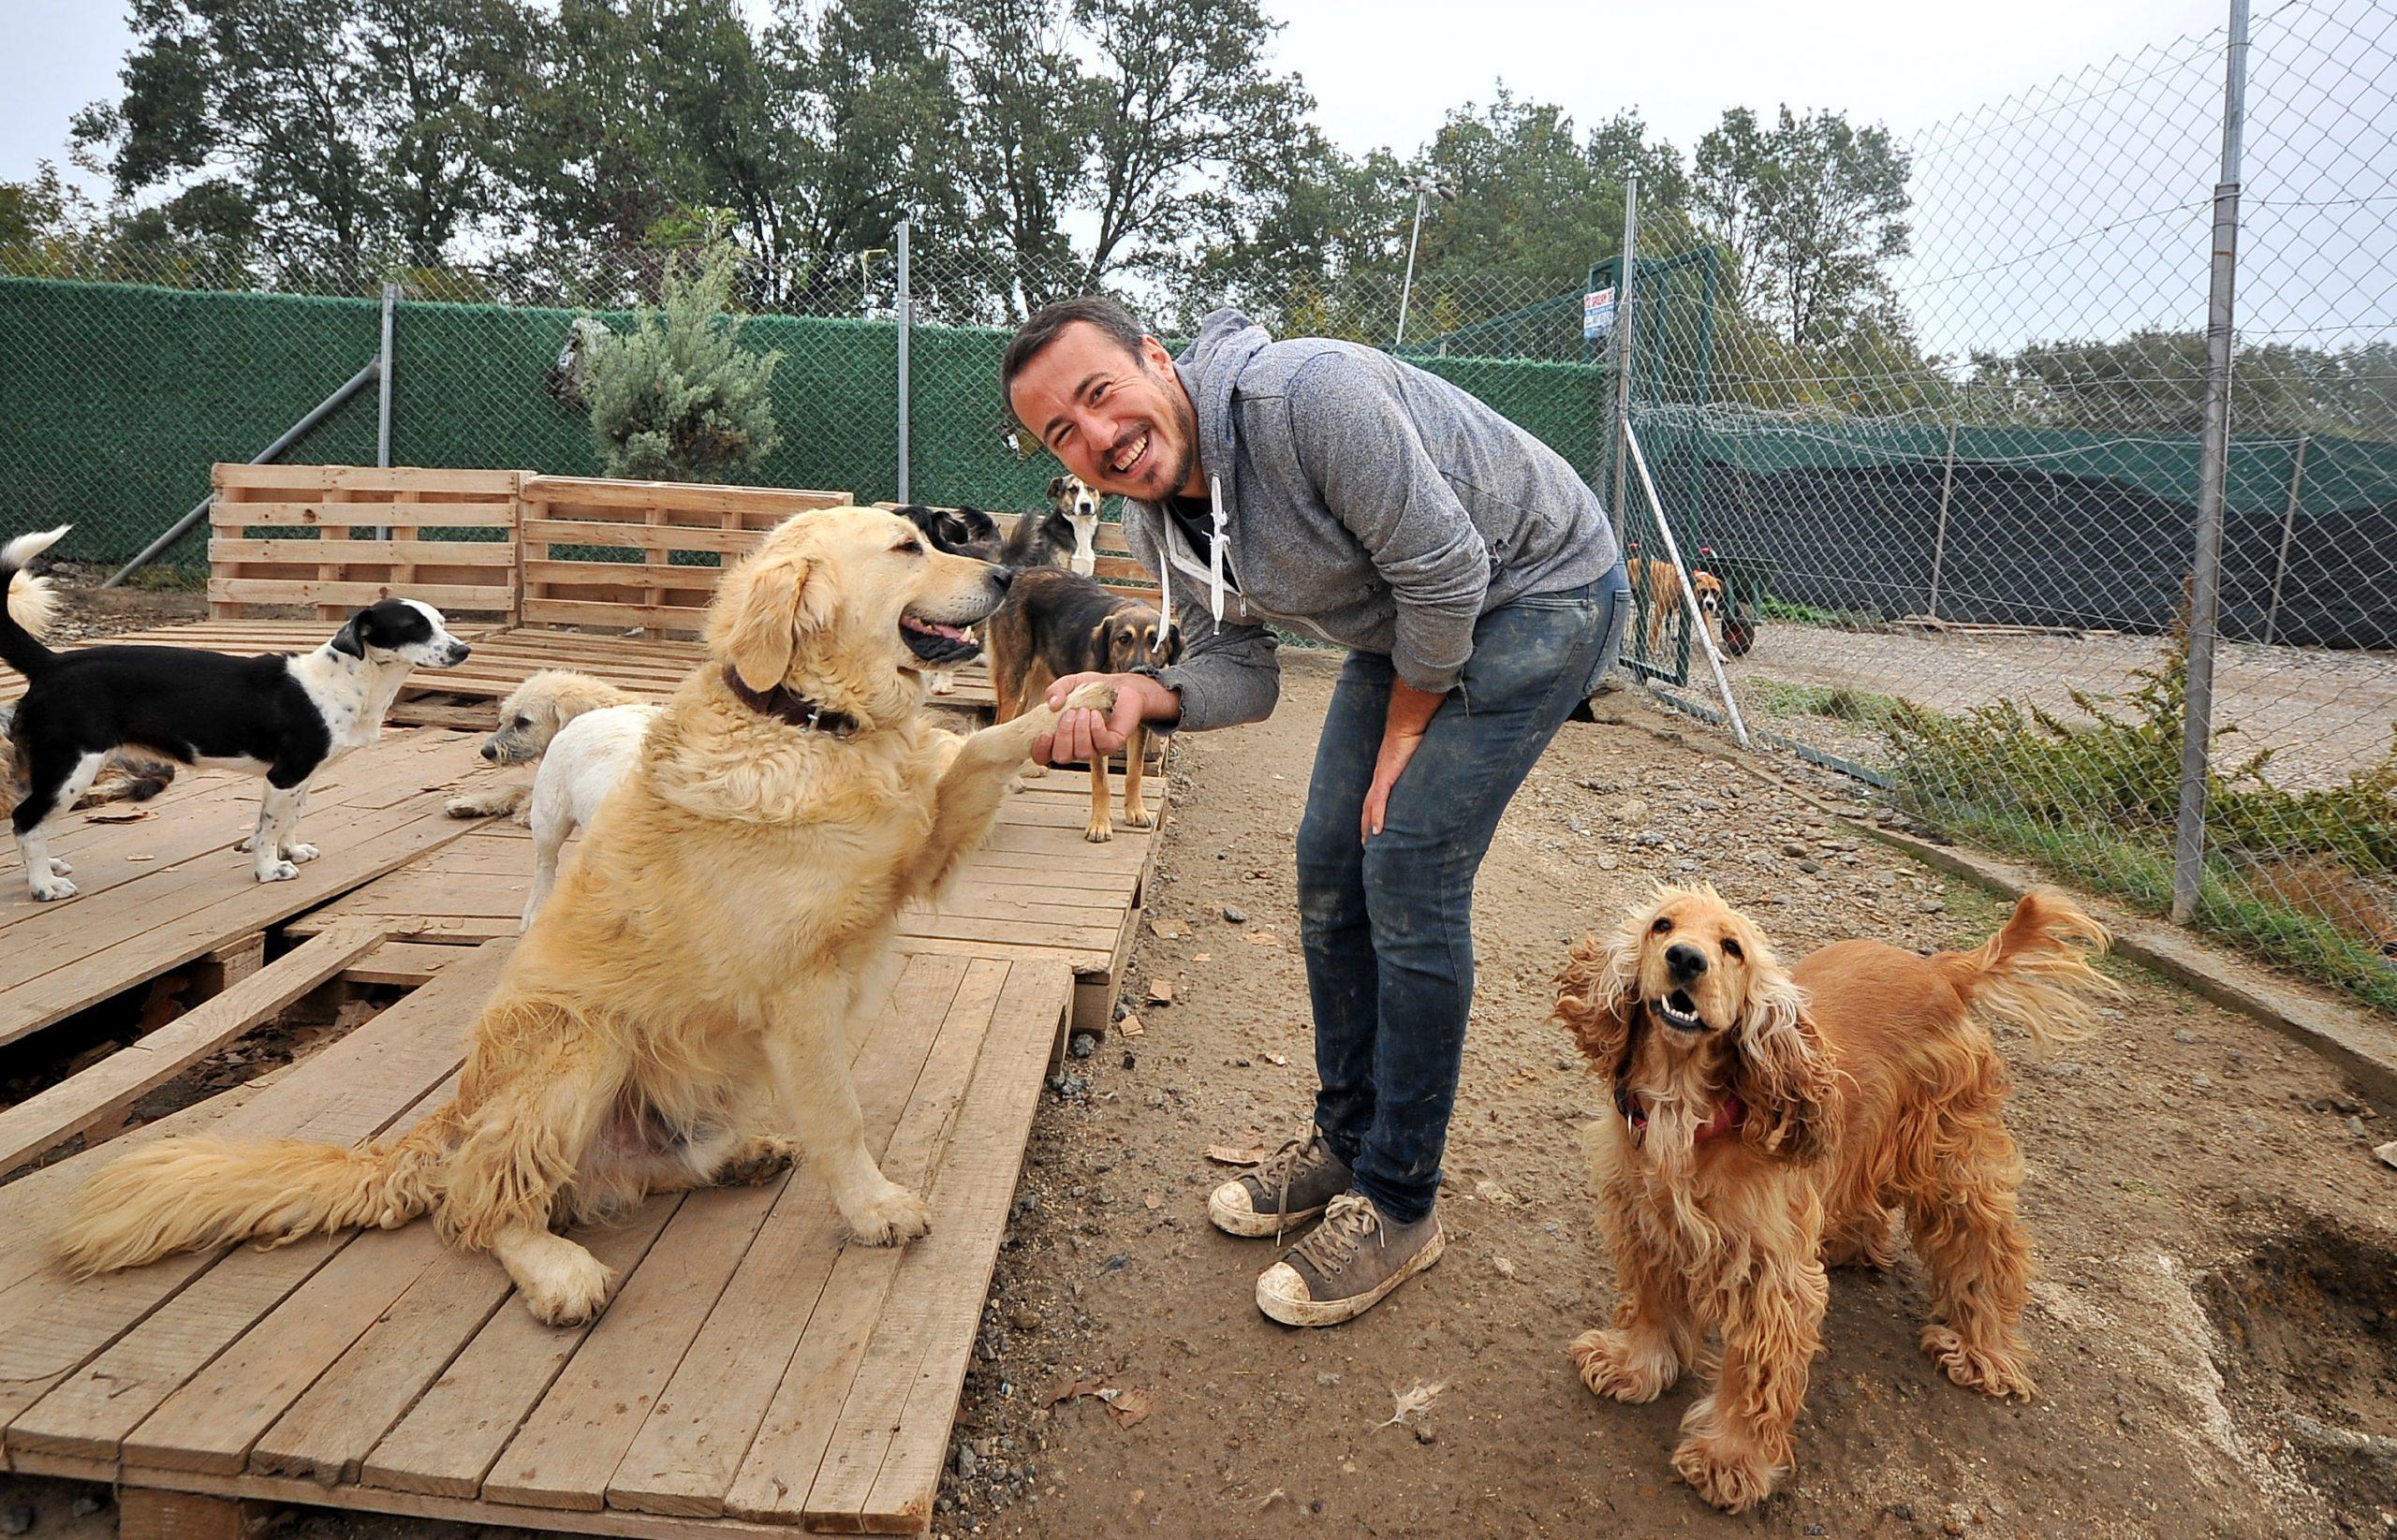 Emre Demir Bursa'da sokak köpeklerine sahip çıkıyor